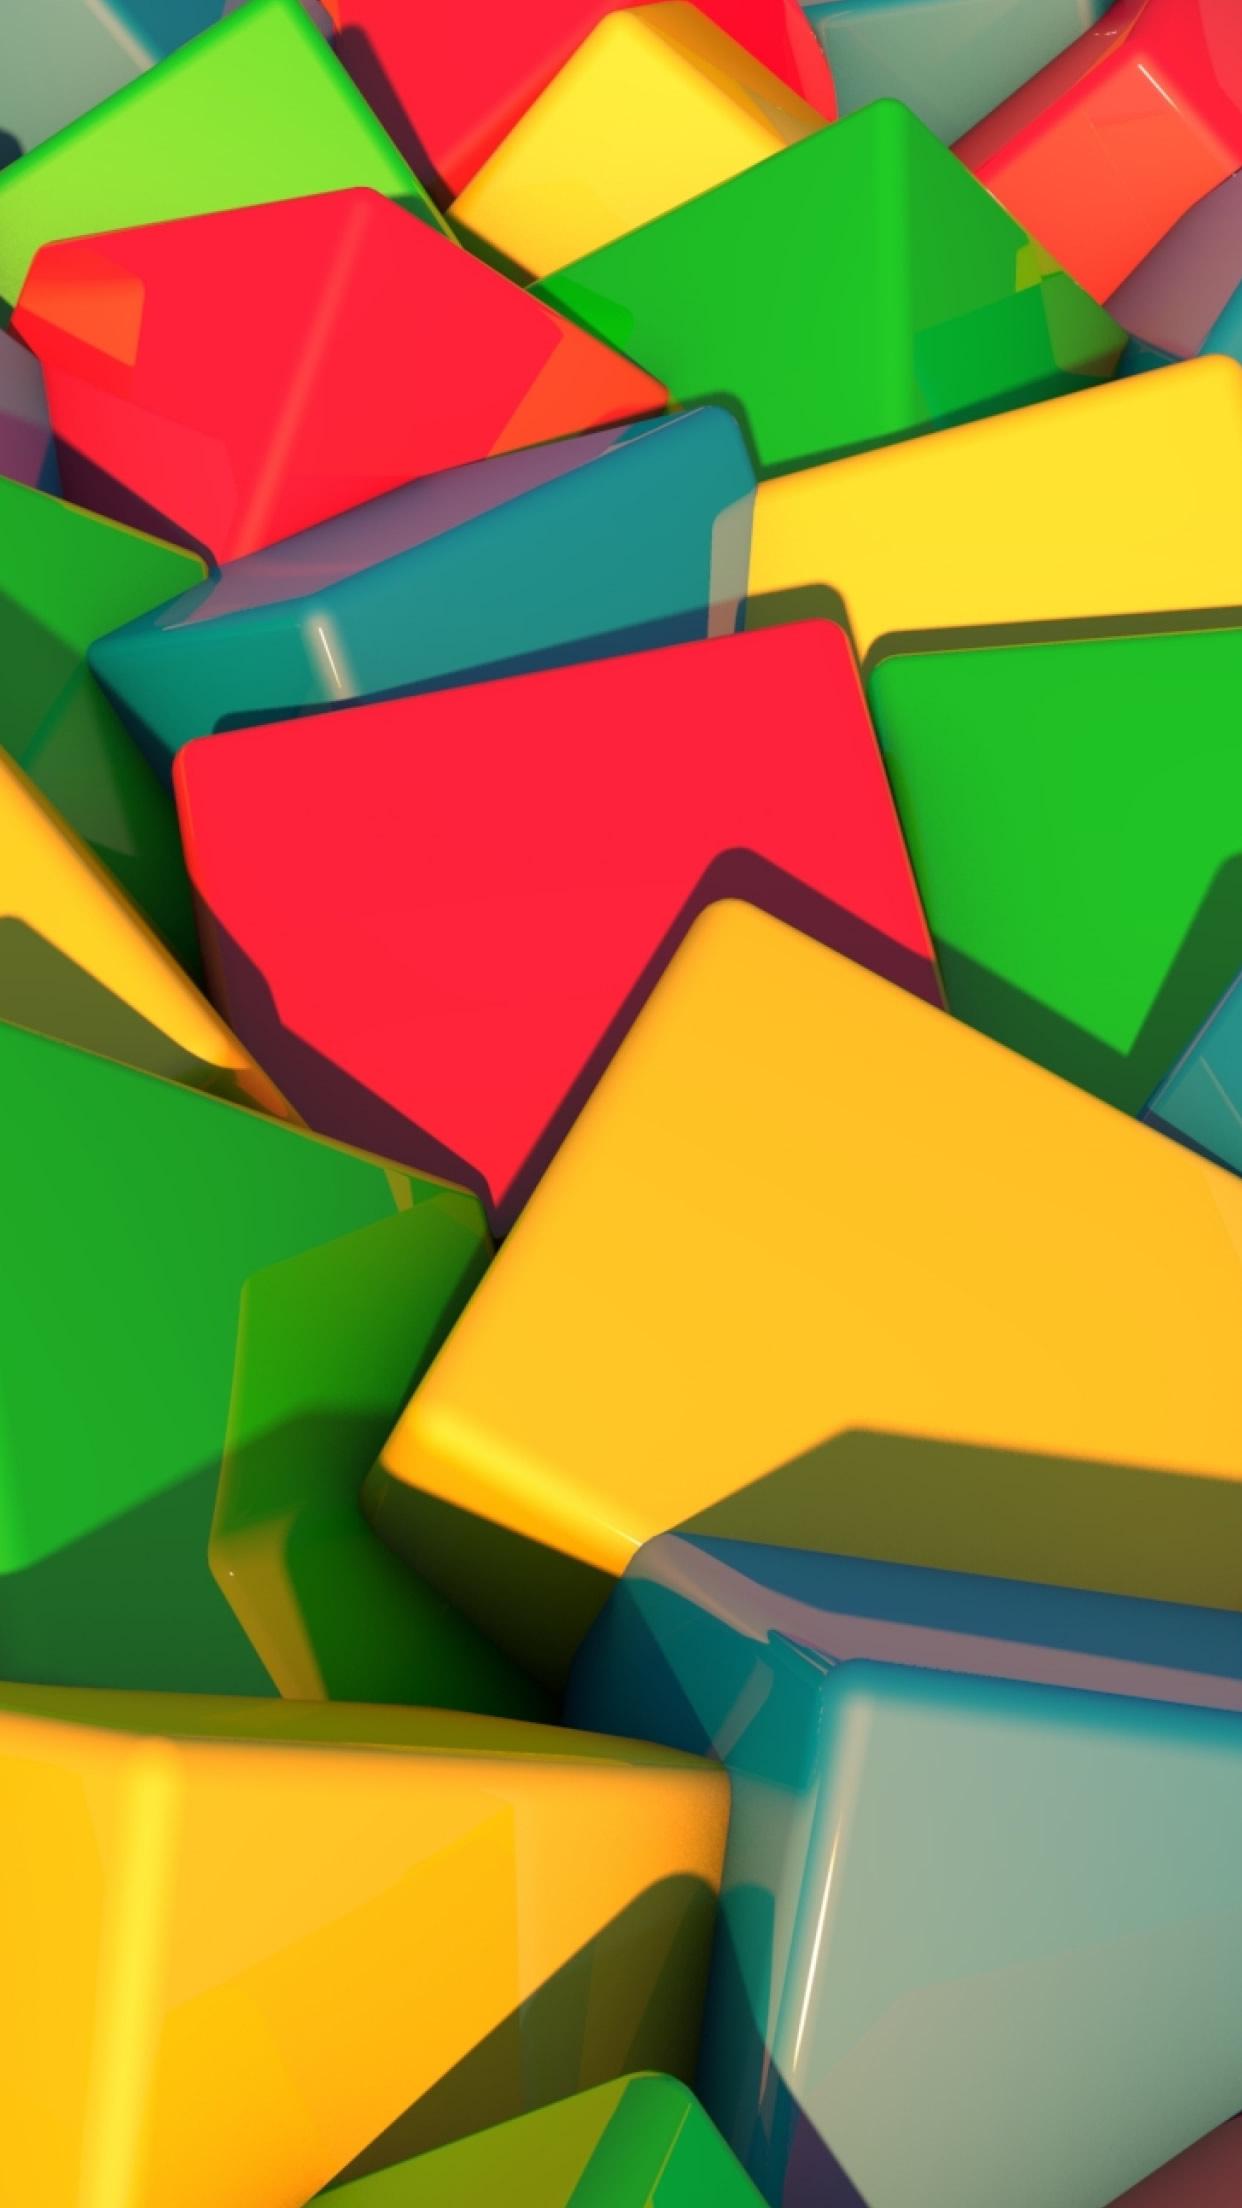 ブロックの明るいマルチカラーiphone 6 Plus壁紙 1242 2208